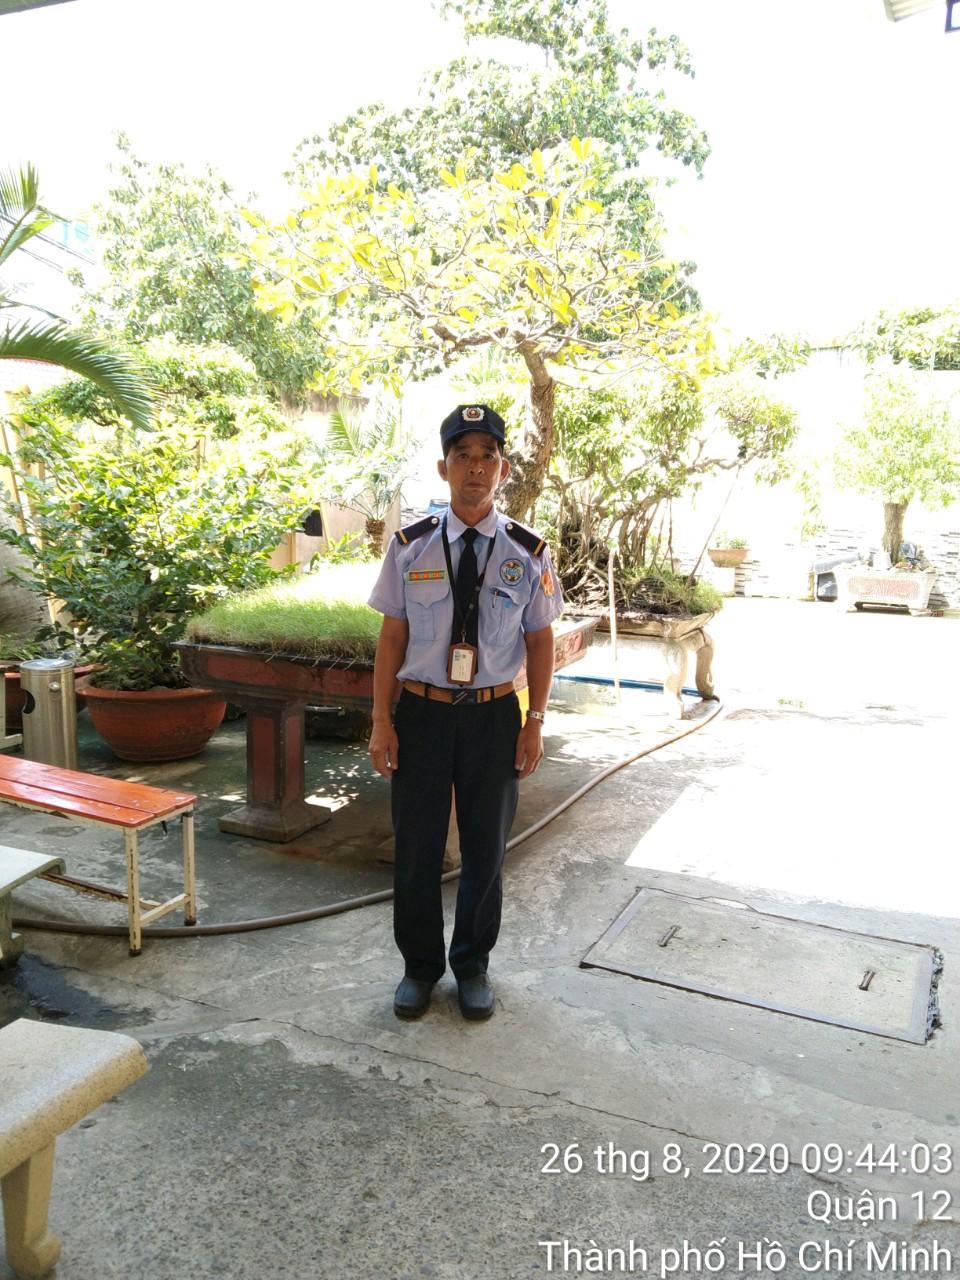 Bảo vệ giữ xe bệnh viện Gaya Việt Hàn